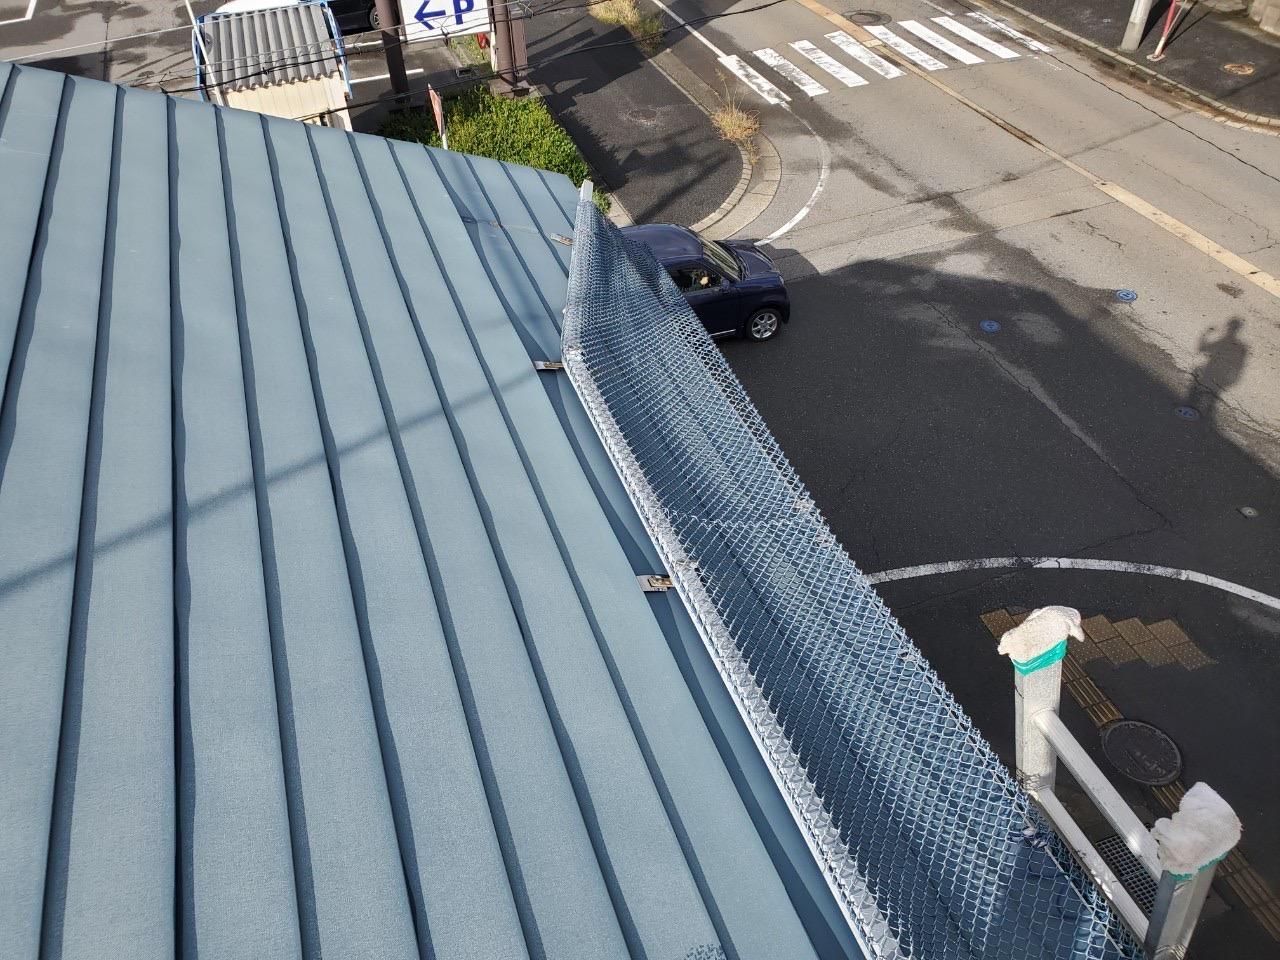 新潟市秋葉区にて雪止めアングルが軒先から飛び出ていた非常に危険な状況からのSOS